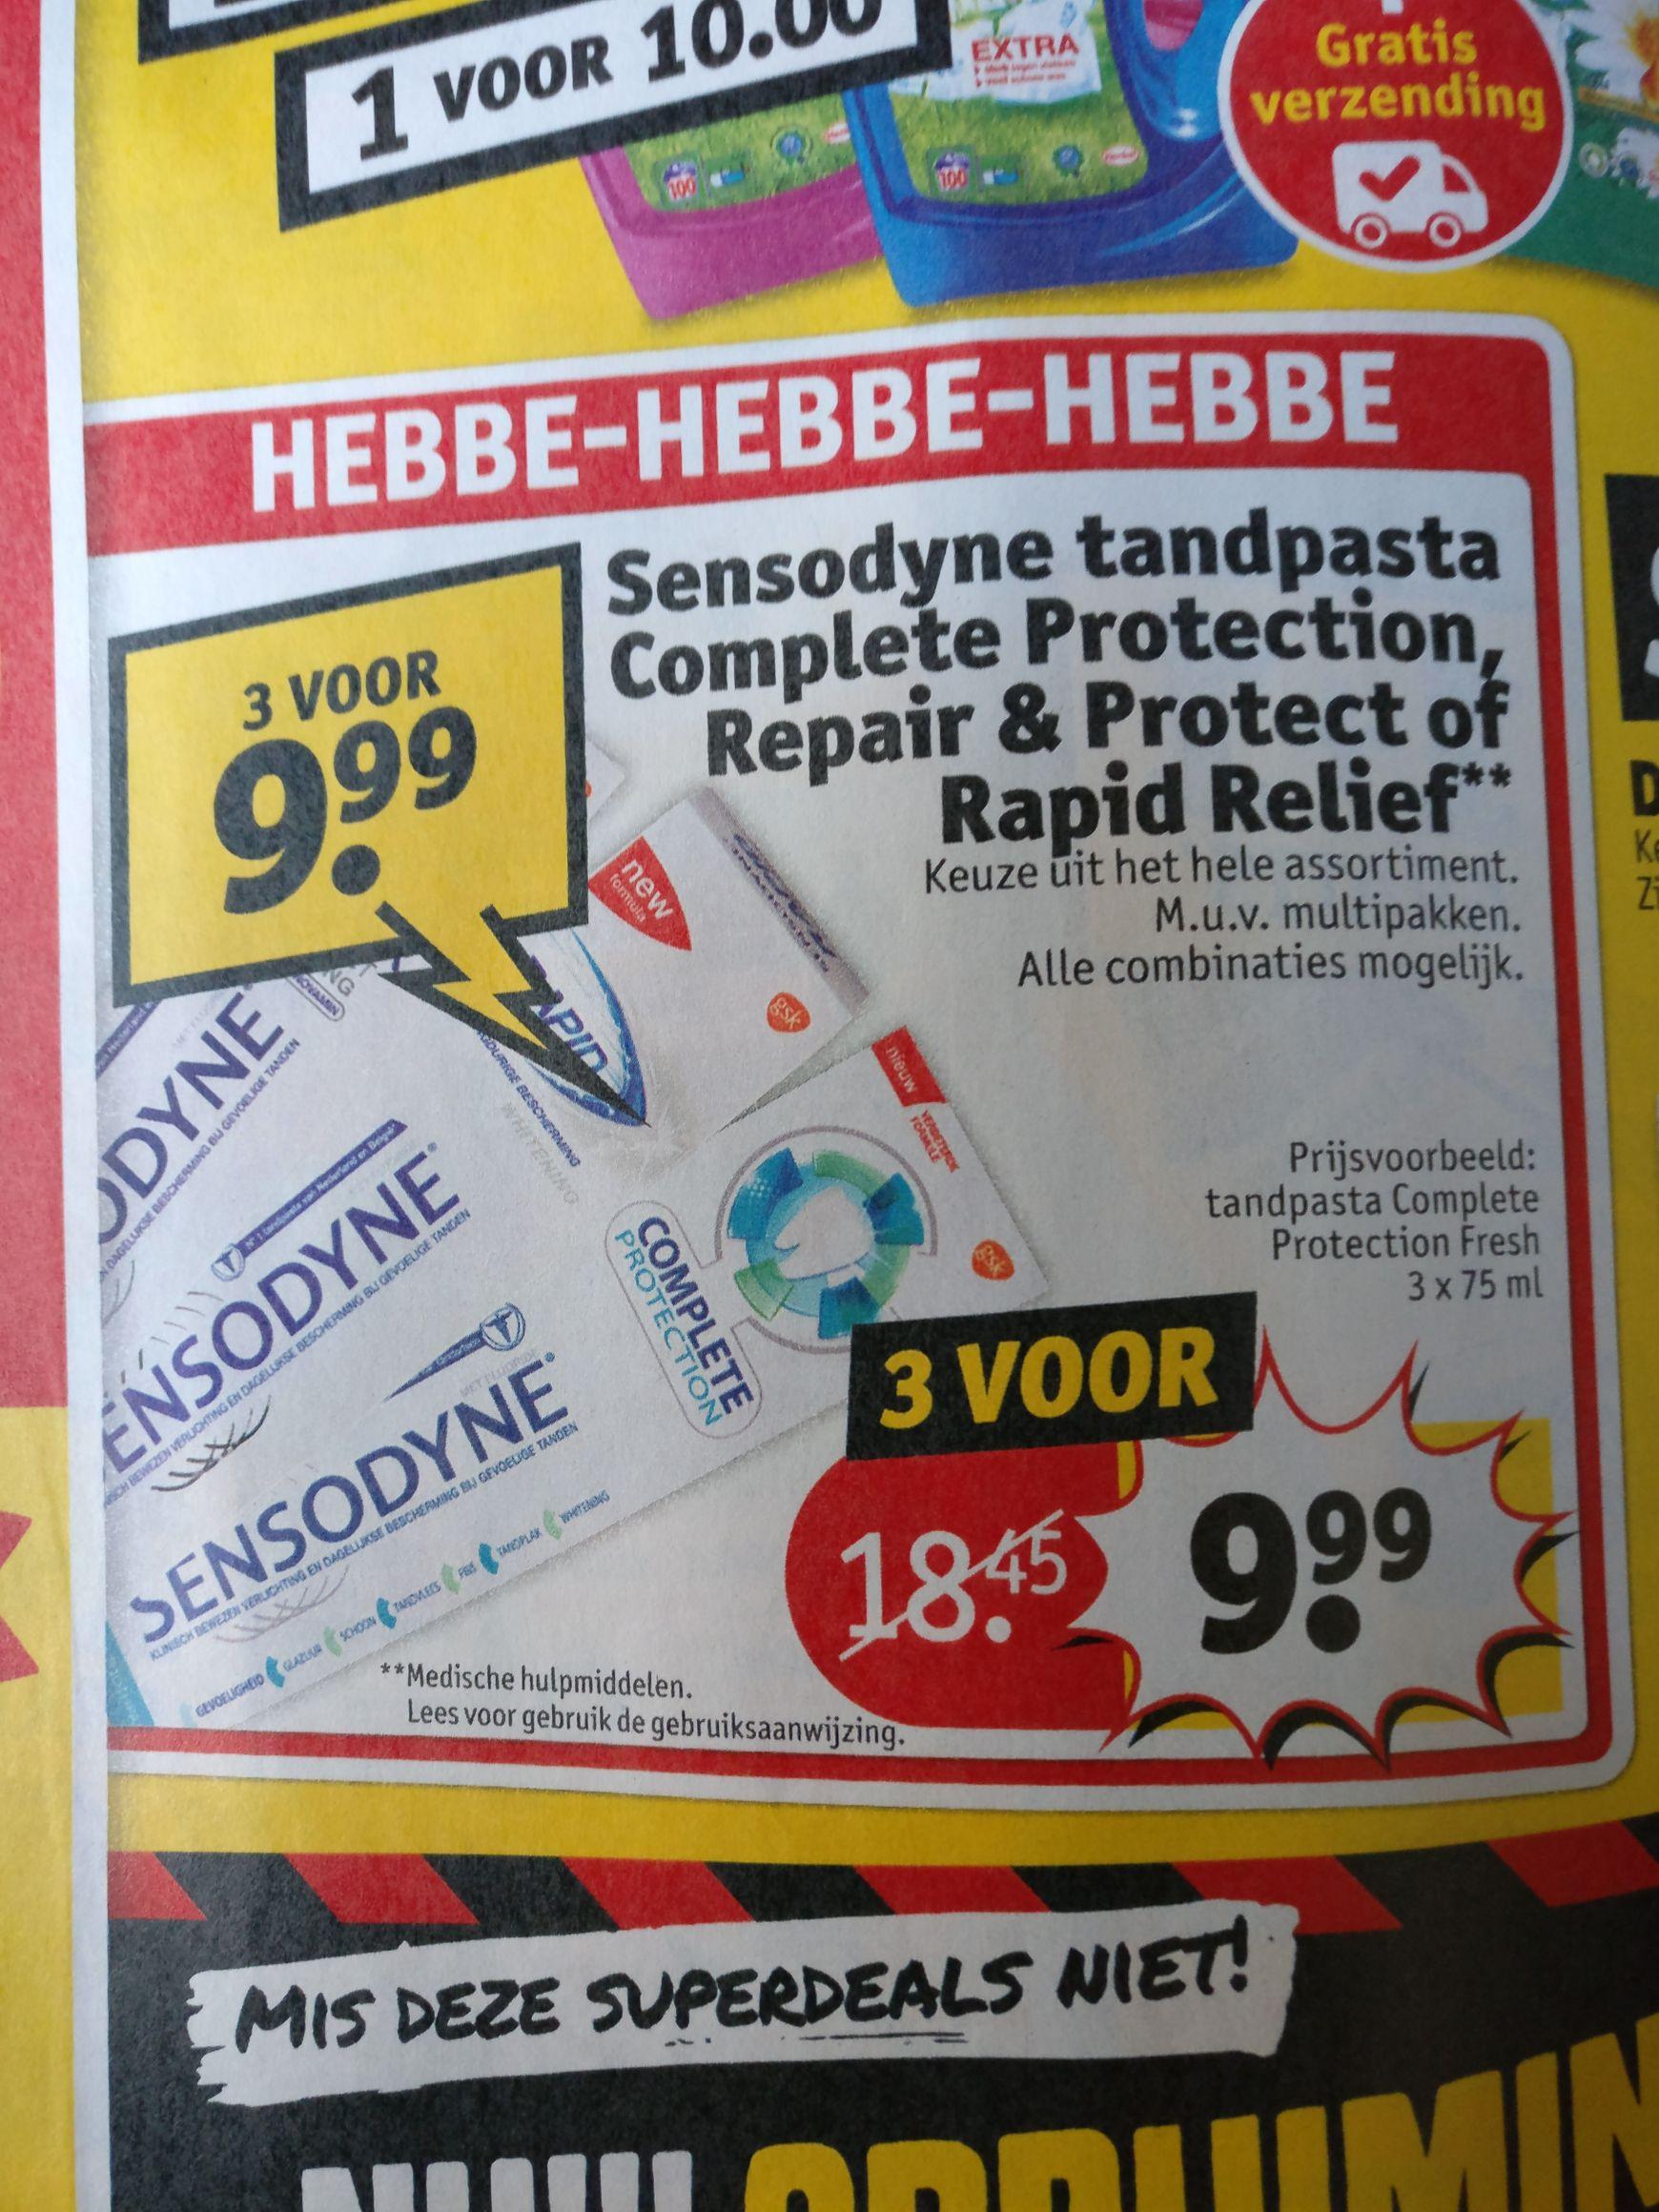 Kruidvat aanbieding: Sensodyne tandpasta complete protection & repair en protect voor 3,33